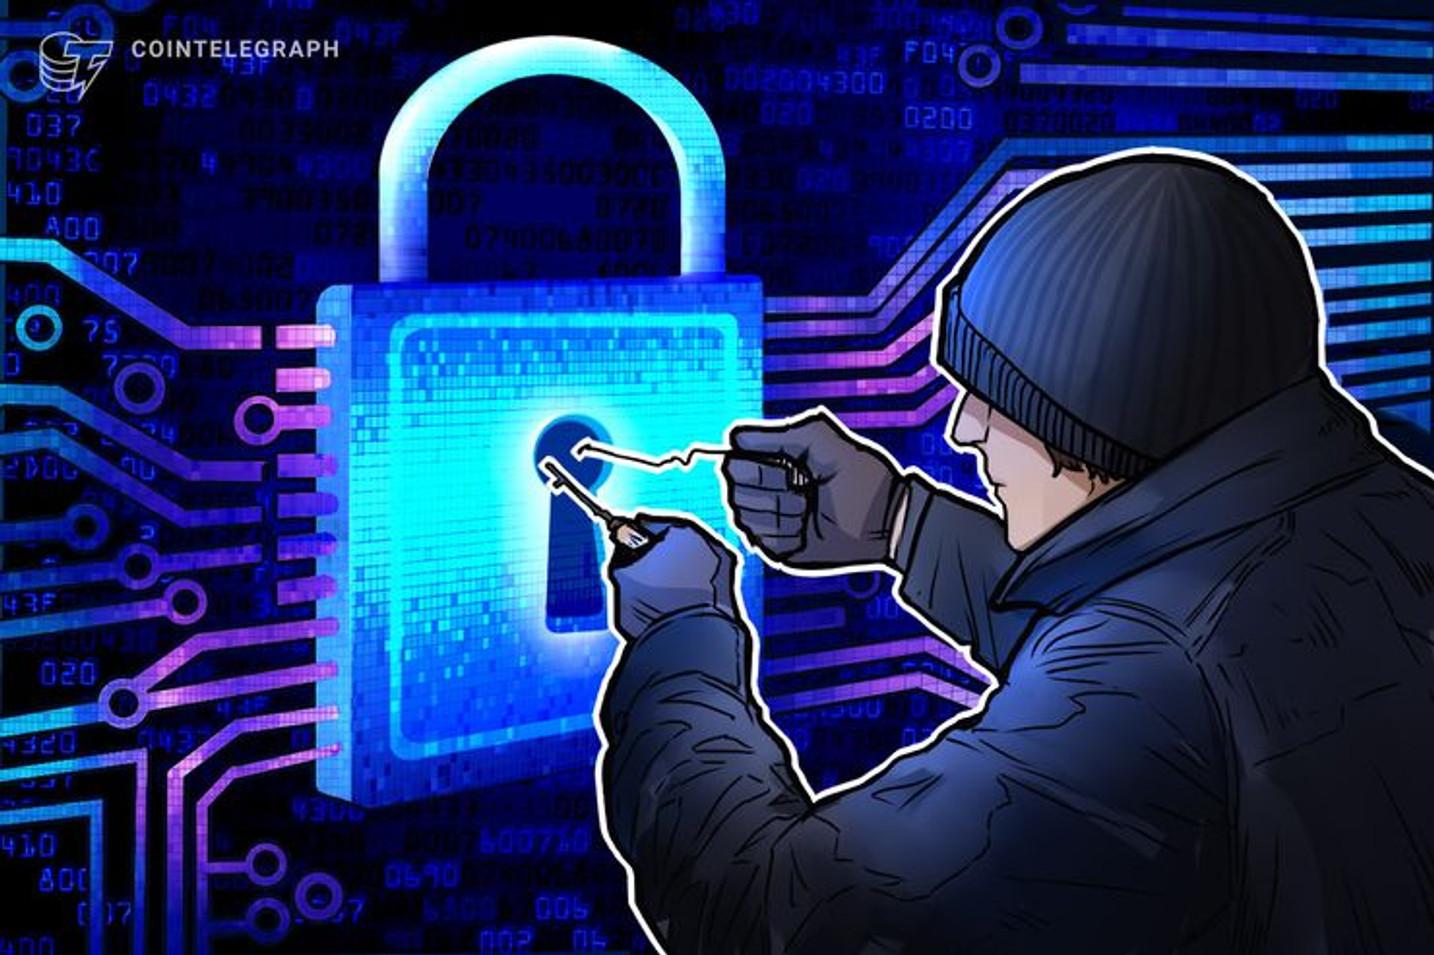 Polícia prende suspeito de aplicar golpes bancários na internet e usar Bitcoin para despistar autoridades